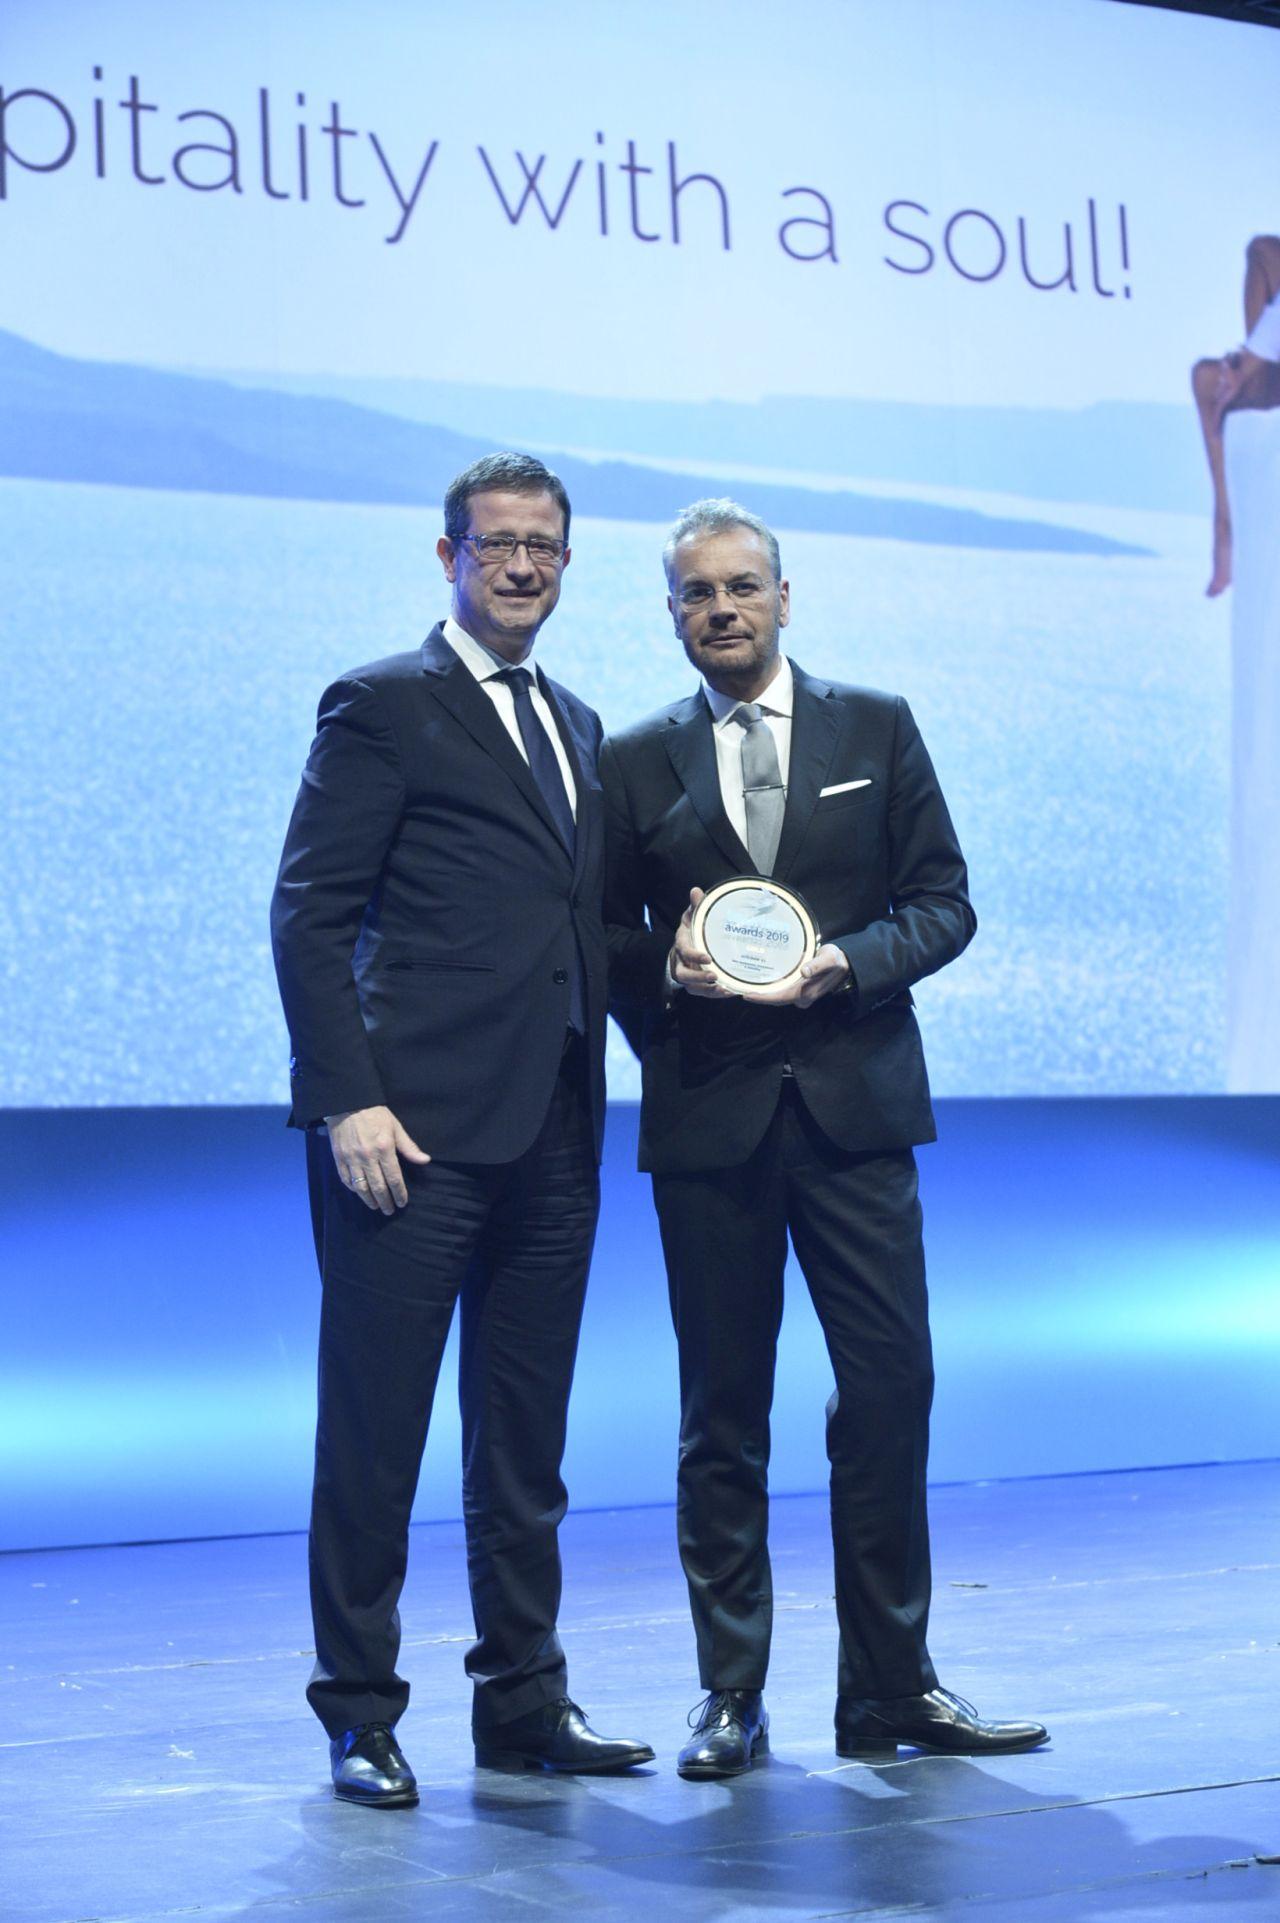 Από αριστερά: O Γιώργος Τζιάλλας, Γ.Γ. Τουριστικής Ανάπτυξης και ο Κωνσταντίνος Ζήκος, CEO της HotelBrain.